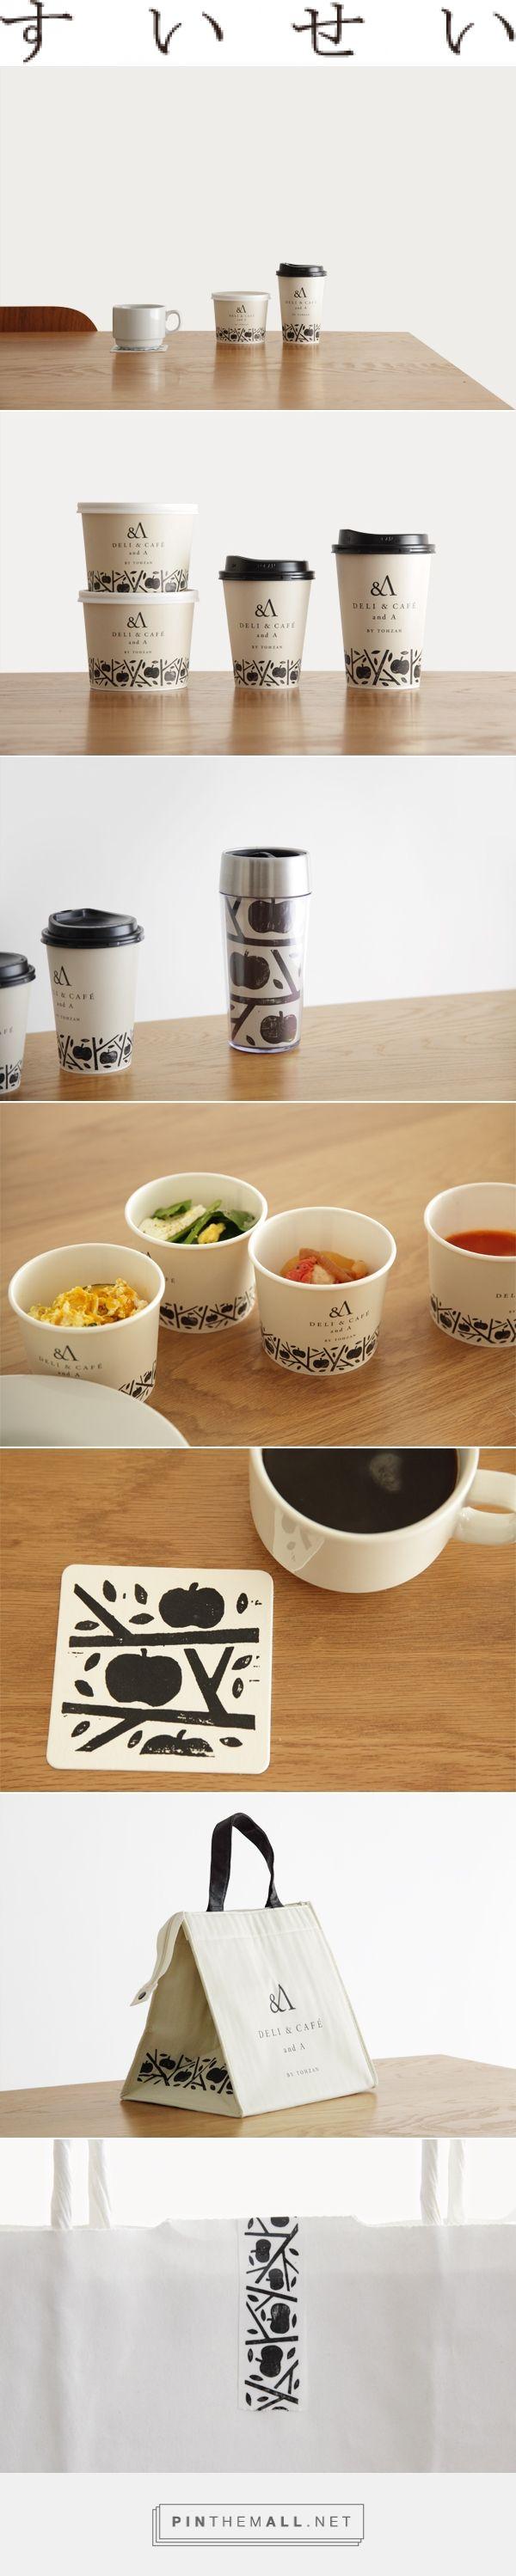 パッケージ | すいせい by HIGUCHI Kentaro curated by Packaging Diva PD. Deli Cafe & A takeout packaging.